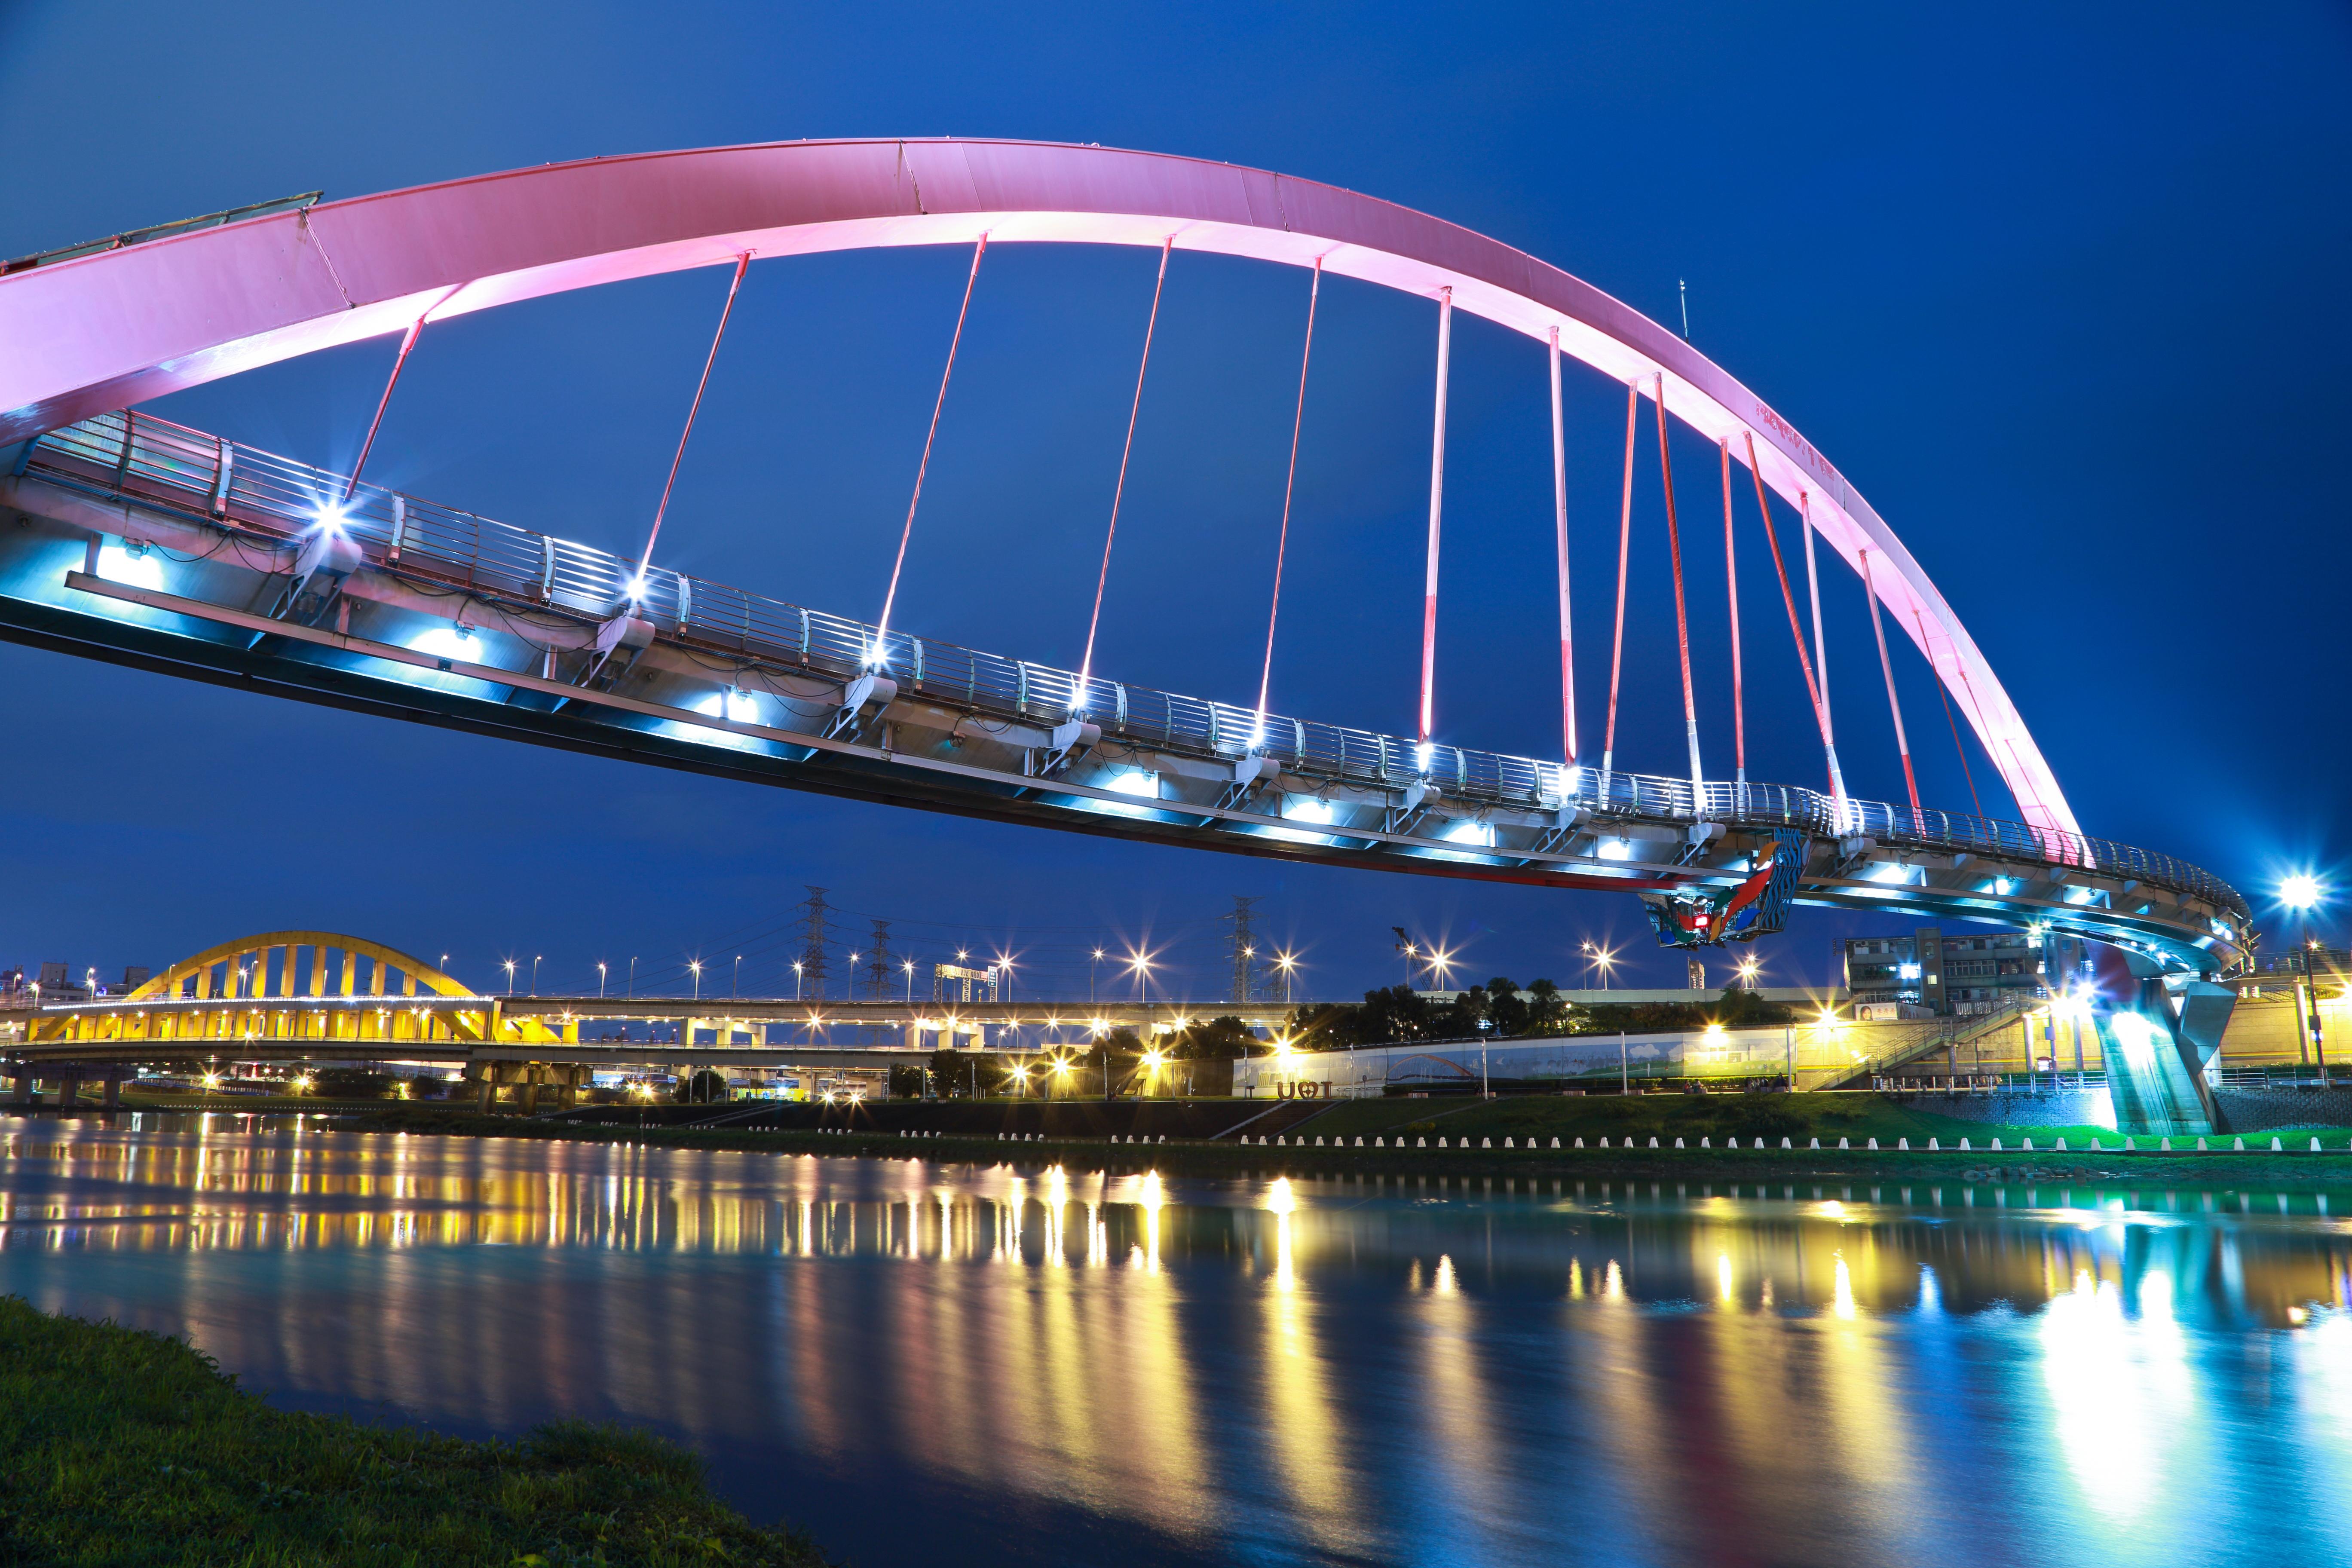 Bridge Over River, Architecture, Blue background, Bridge, Dusk, HQ Photo